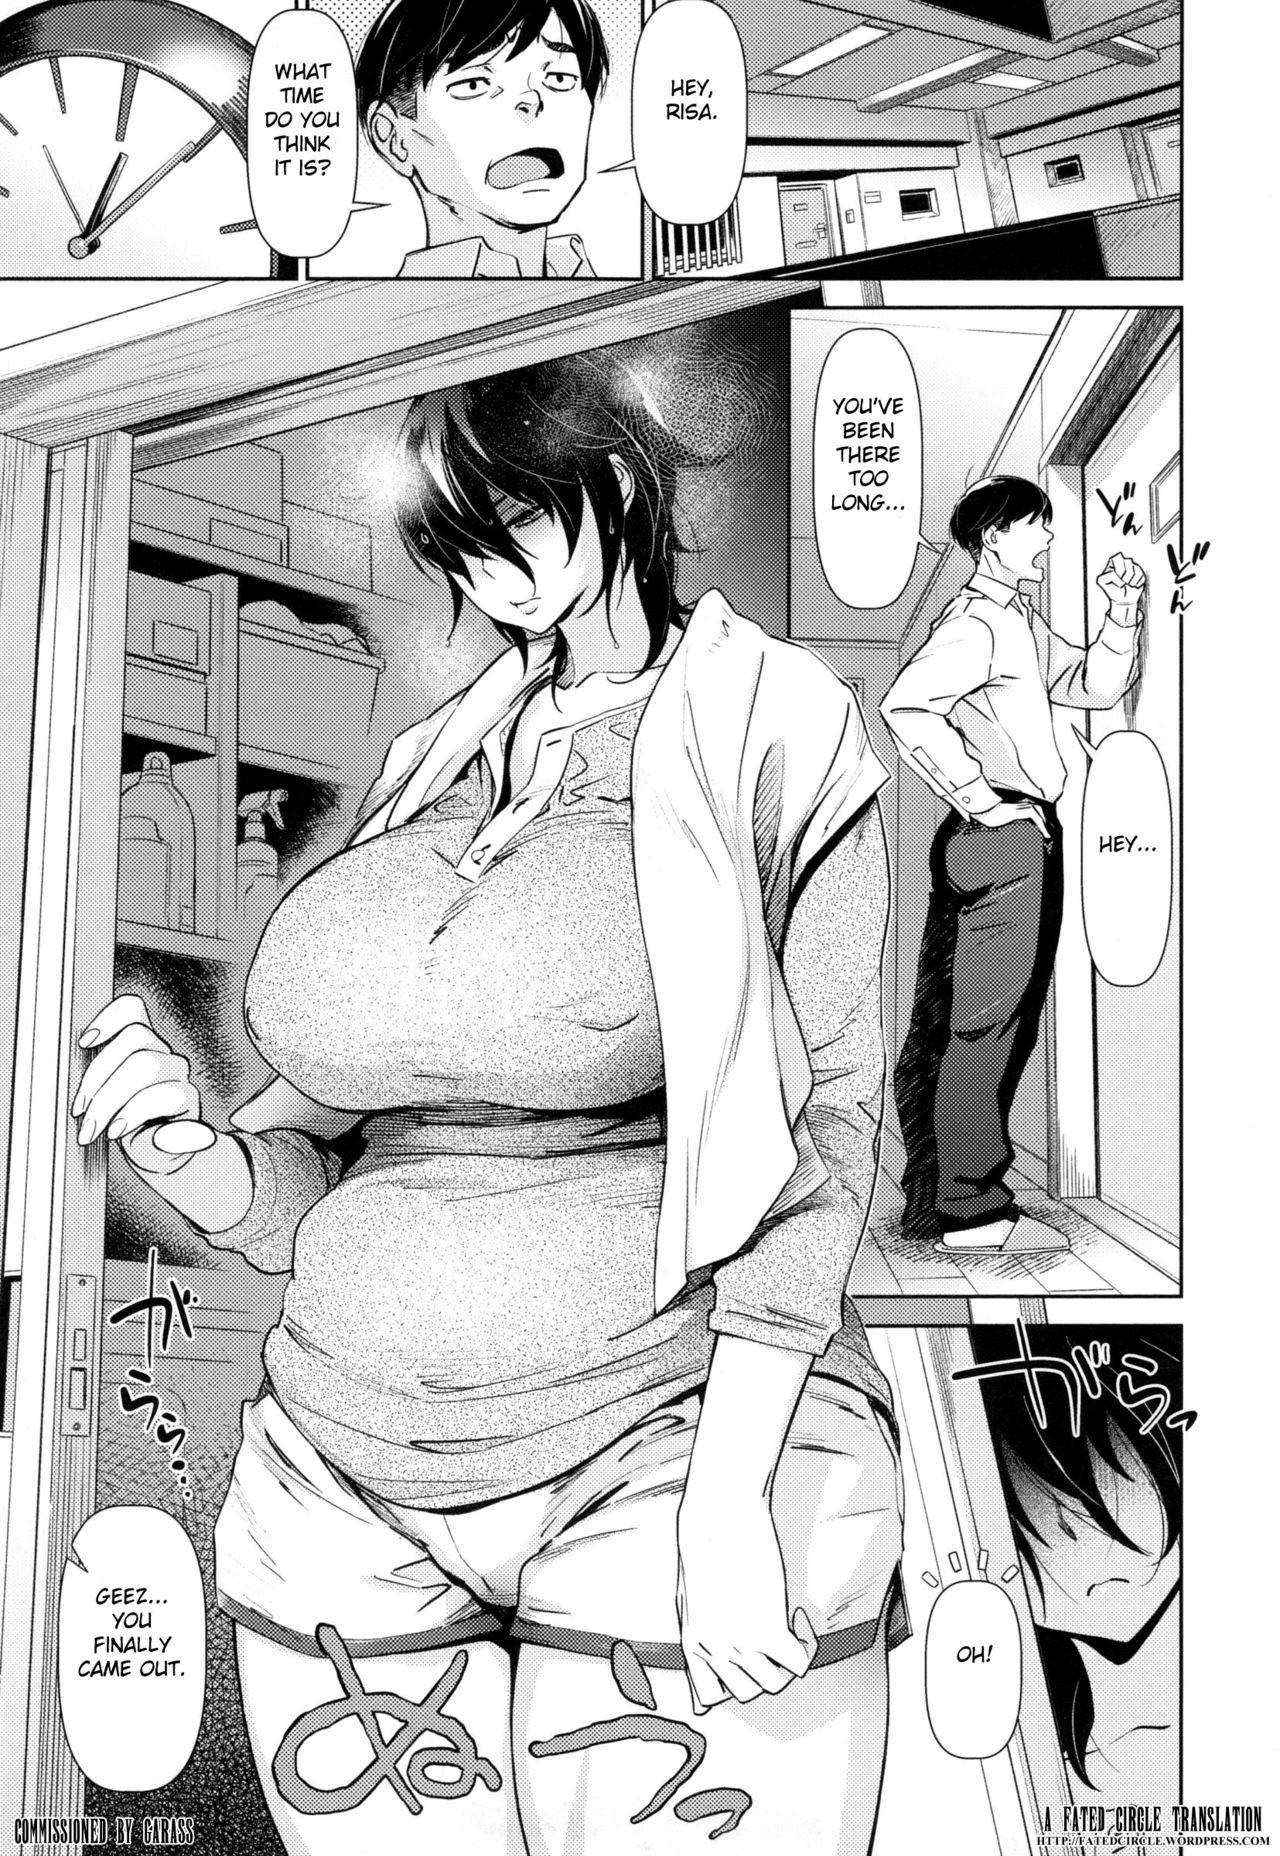 Luscious manga